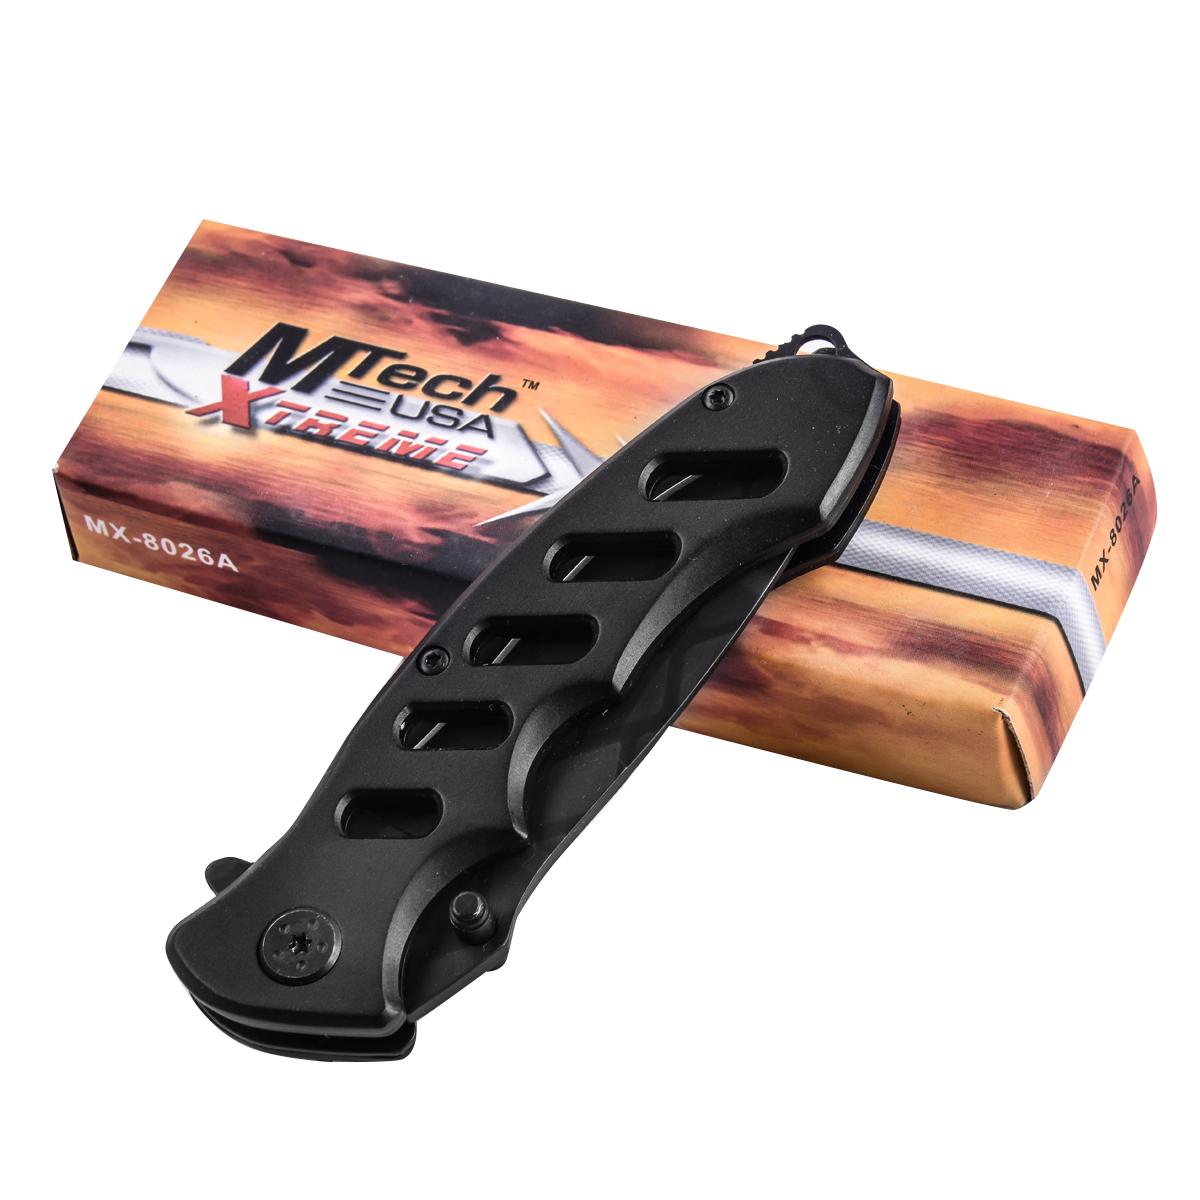 Черный складной нож MTech MX-8027A Xtreme Premium с доставкой